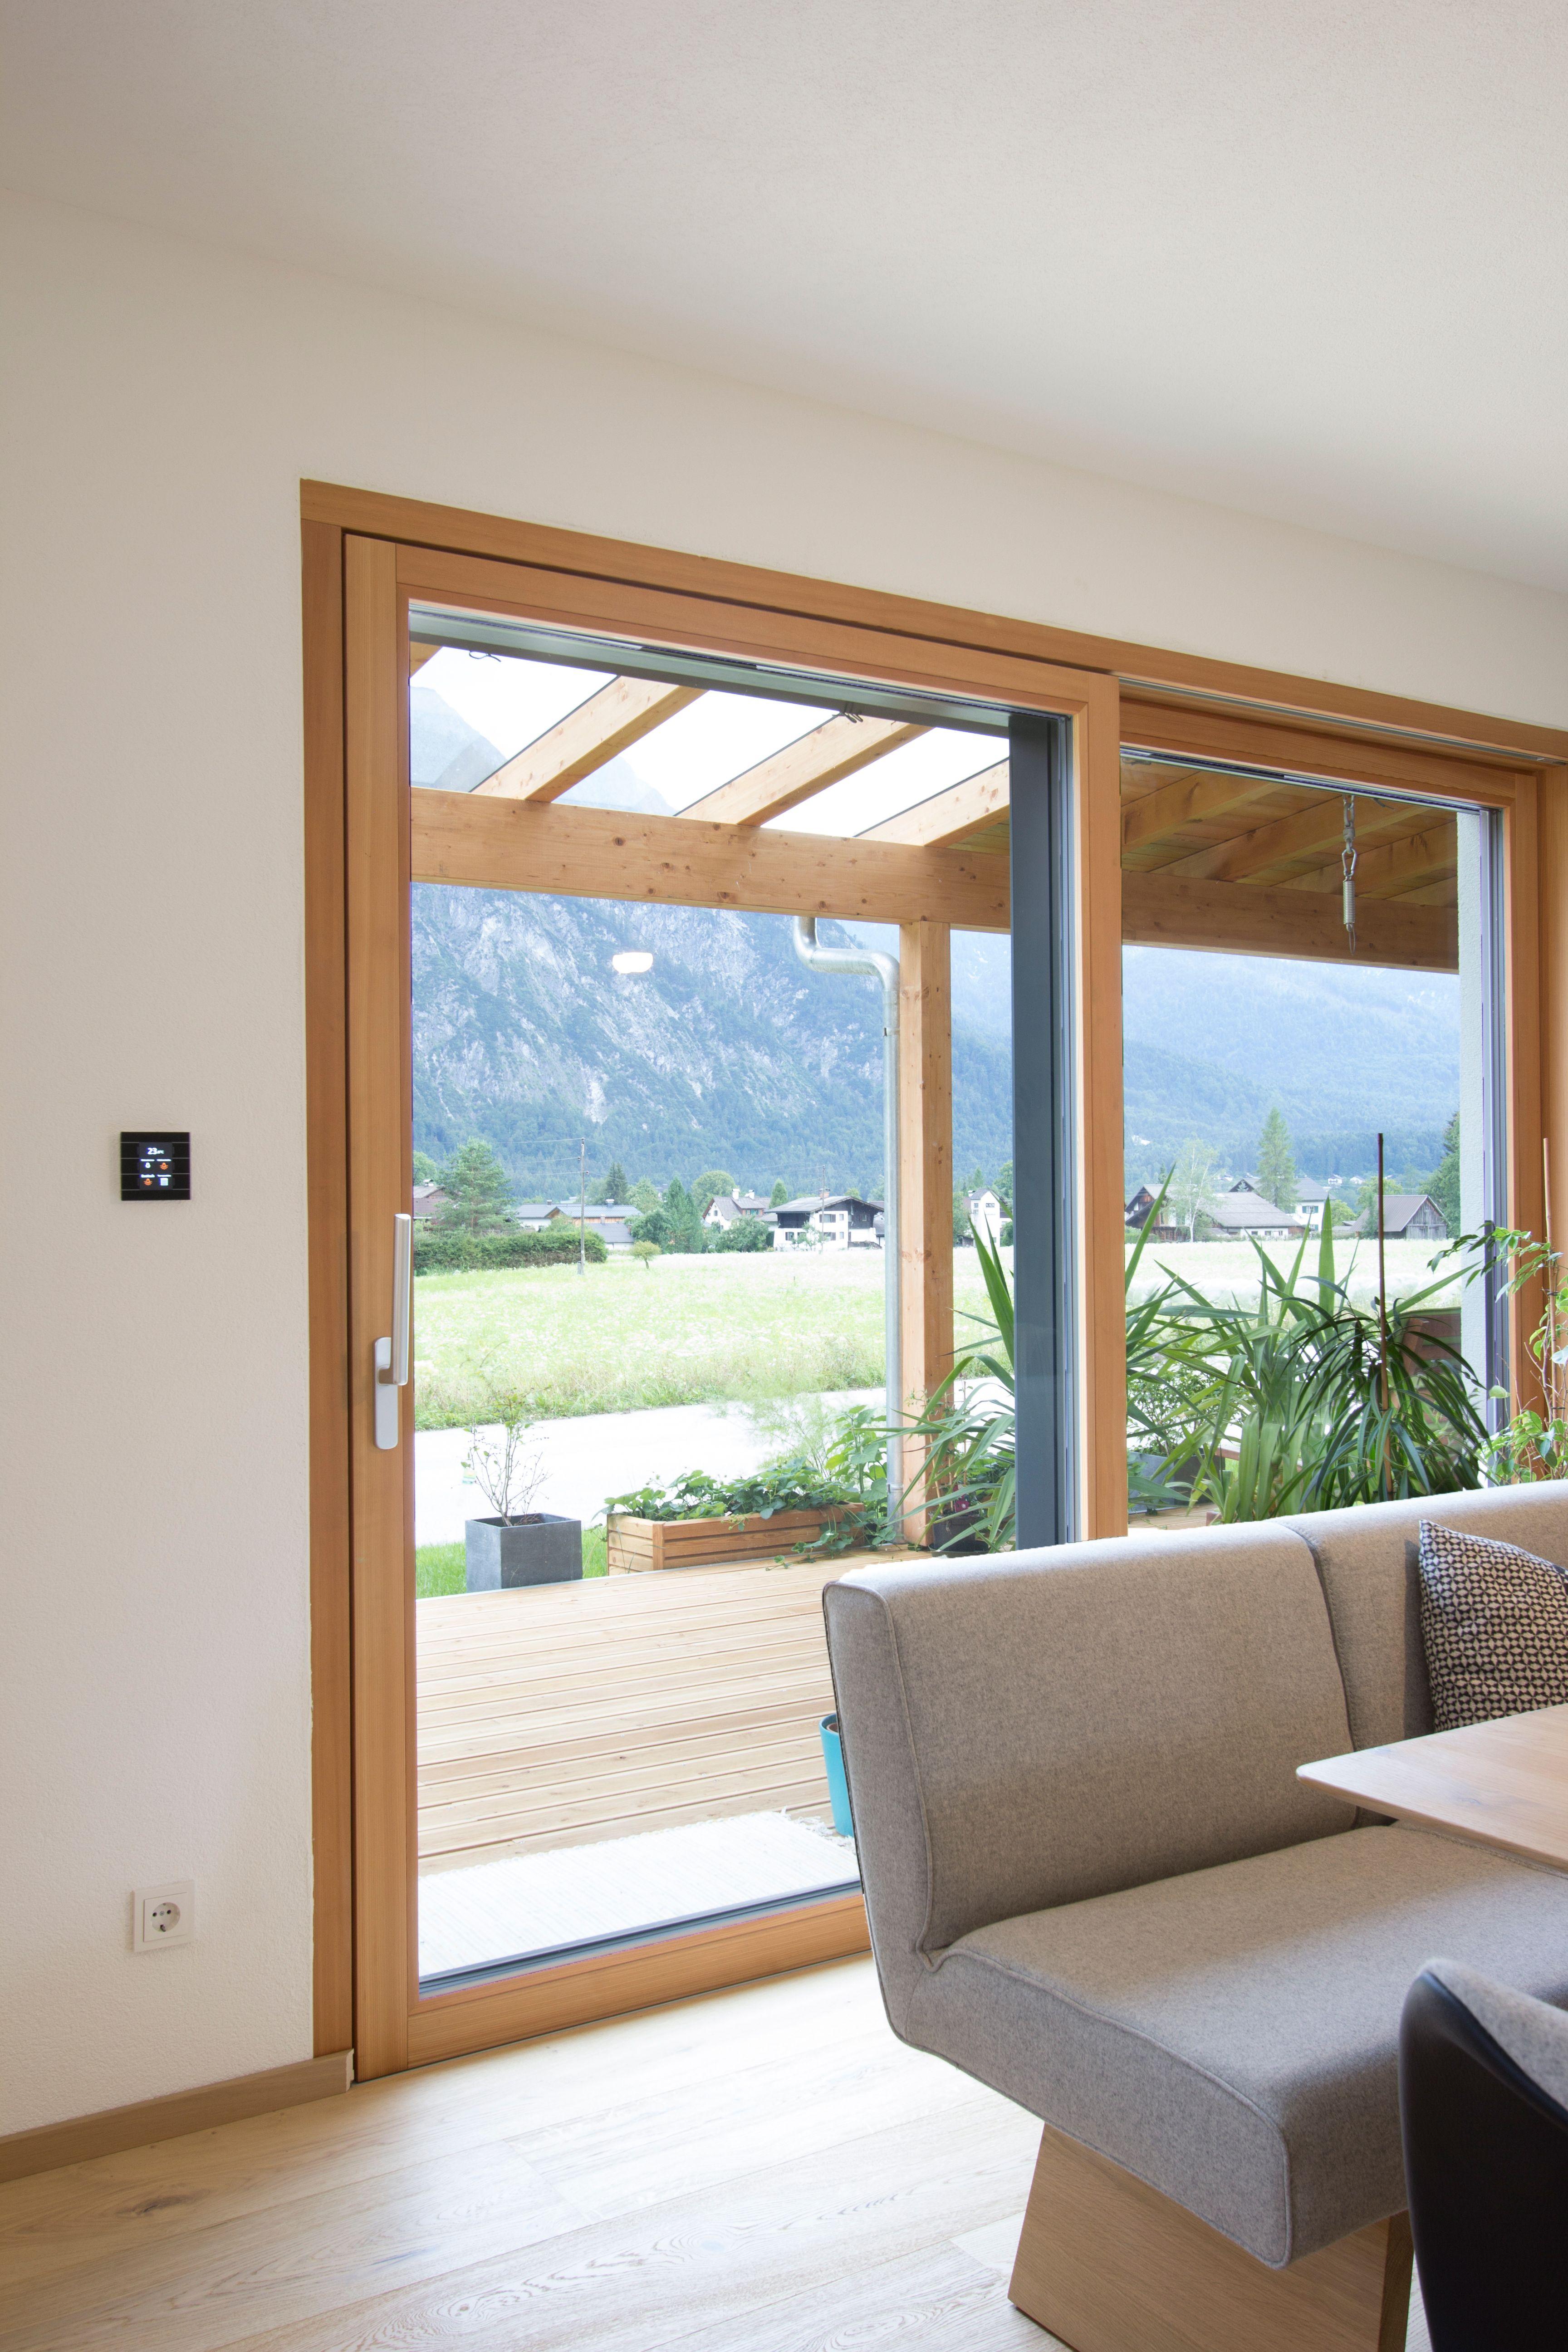 Photo of Holz-Alu Hebe-Schiebetüre. Außen mit Alu-Deckschalen und innen in Lärchenholz…